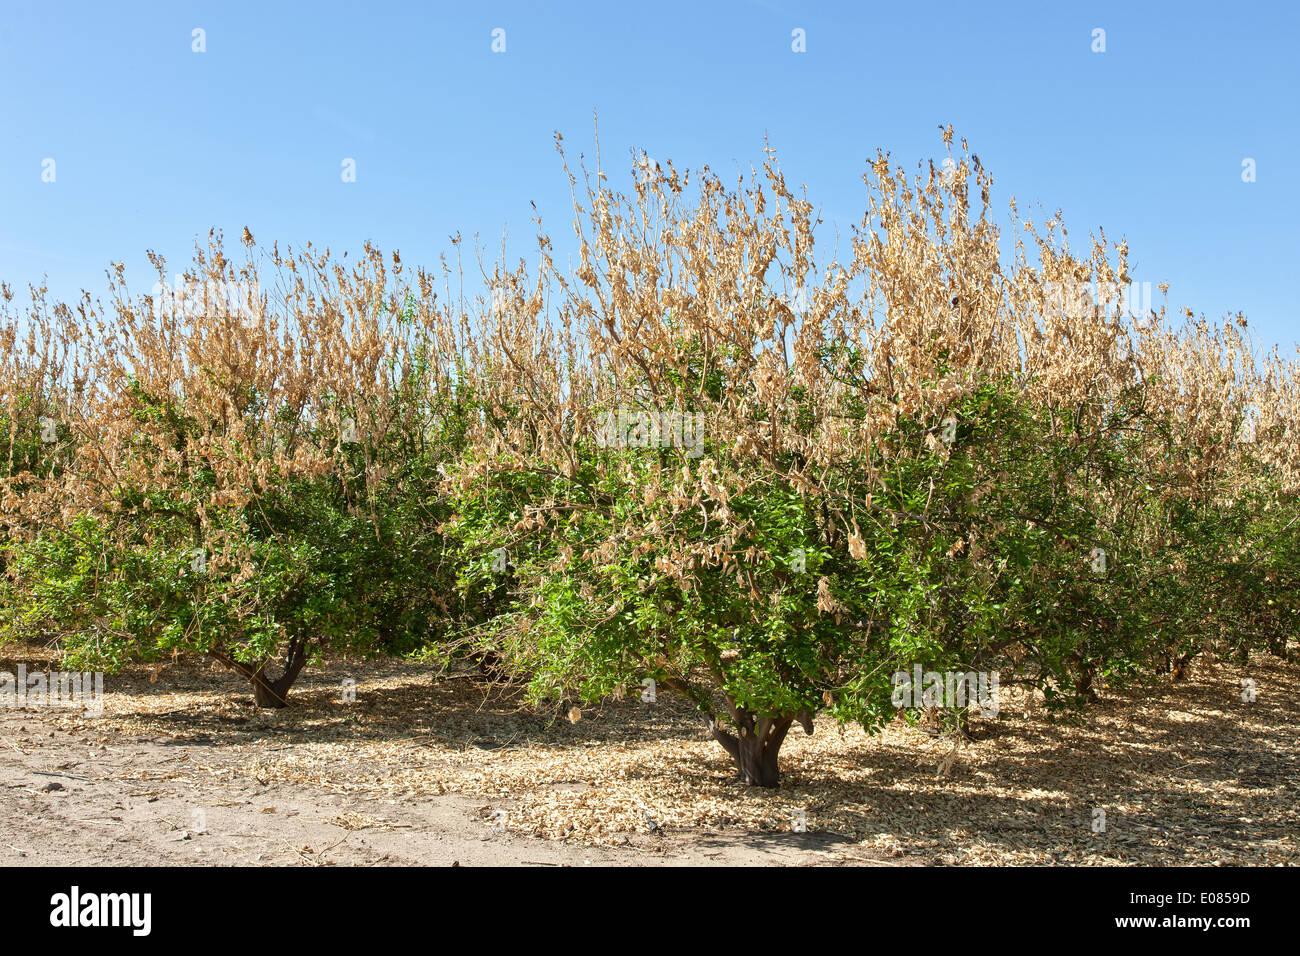 Frost damage, lemon orchard. - Stock Image